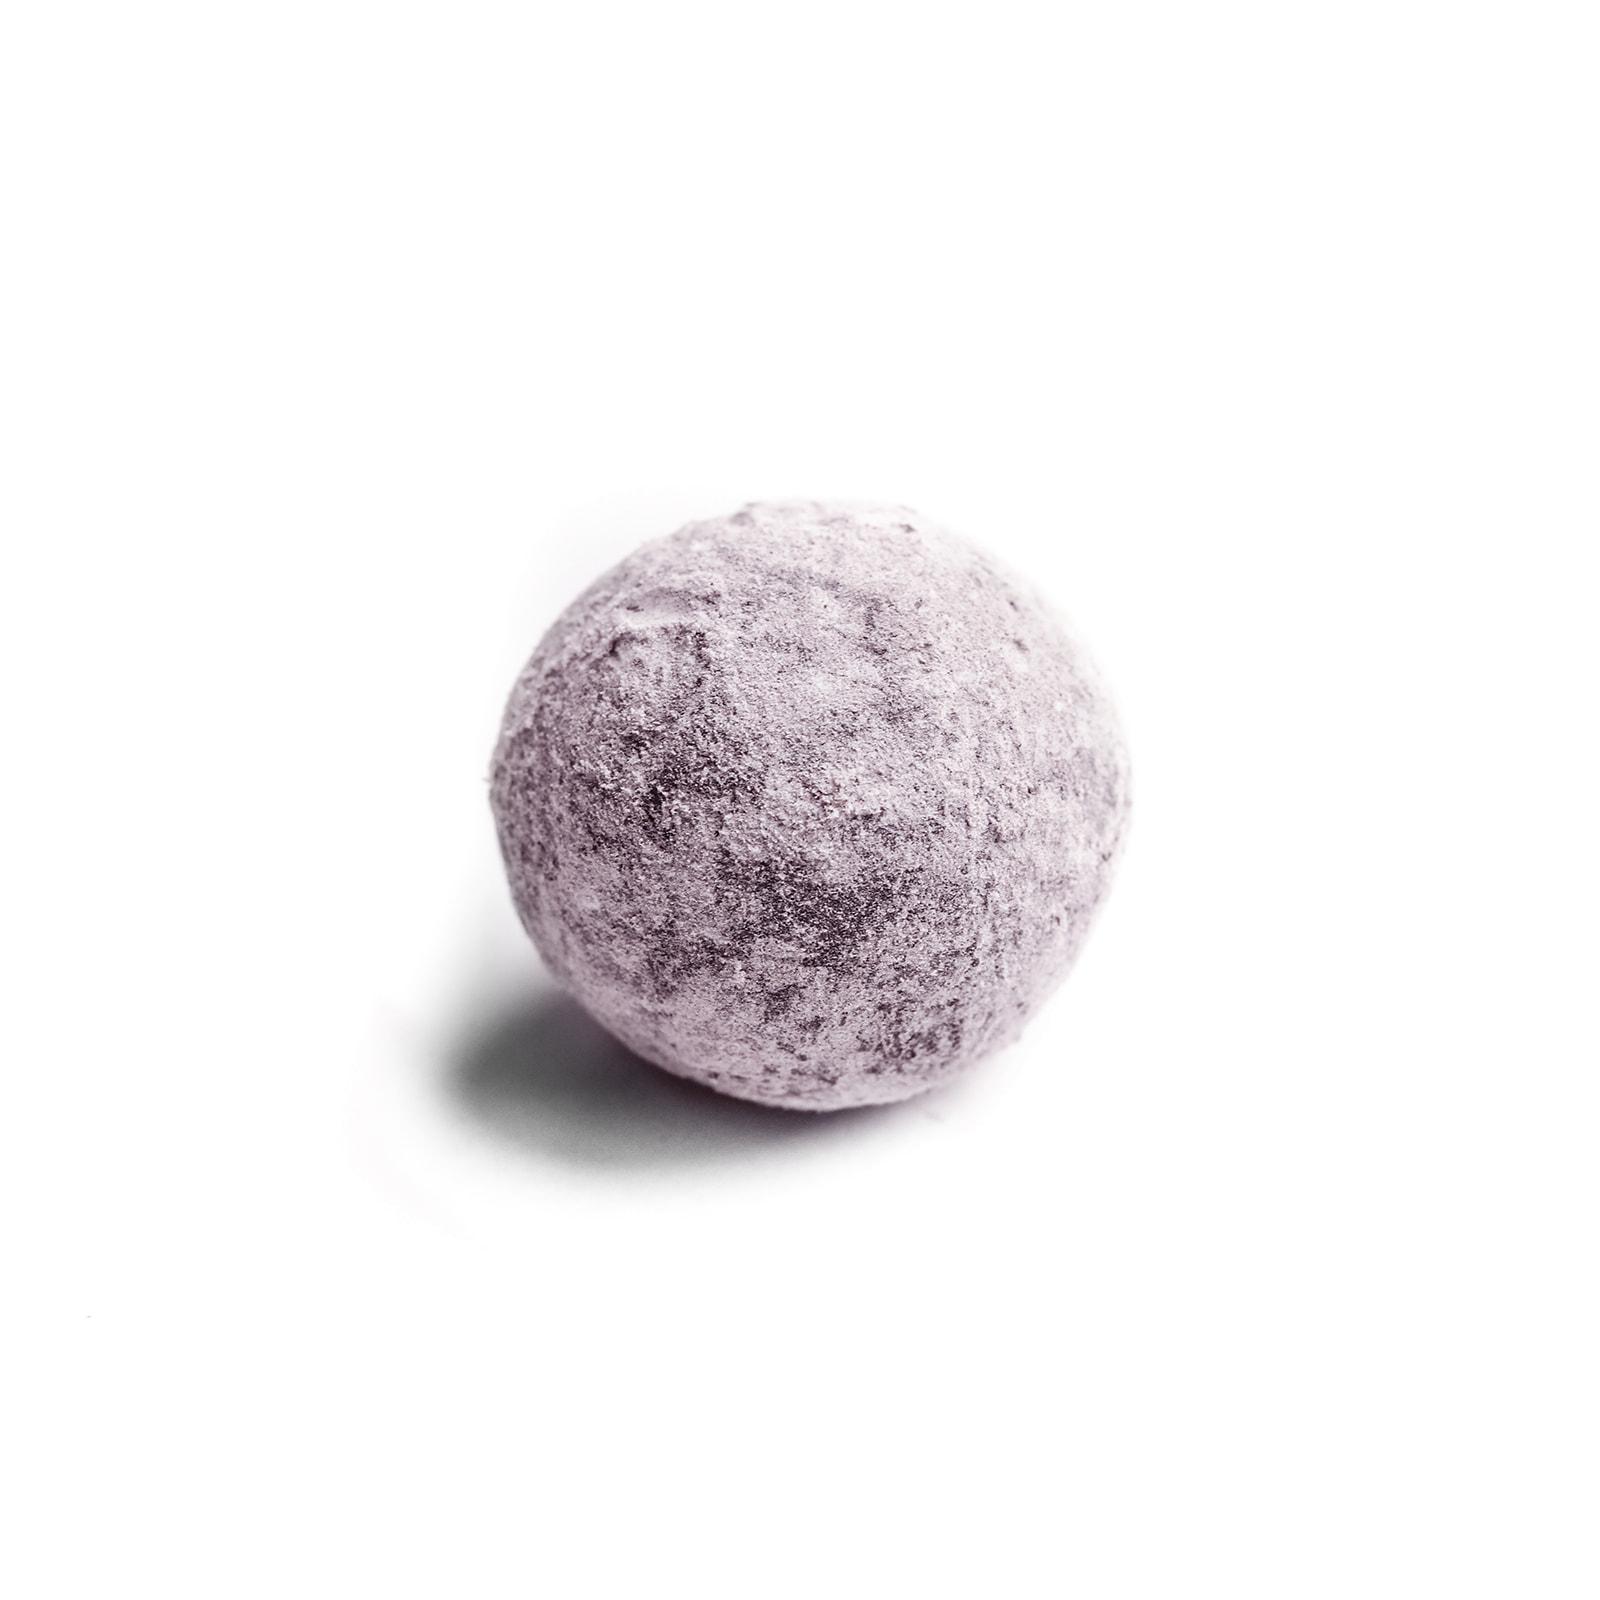 a.champagne-rose-truffle.jpg